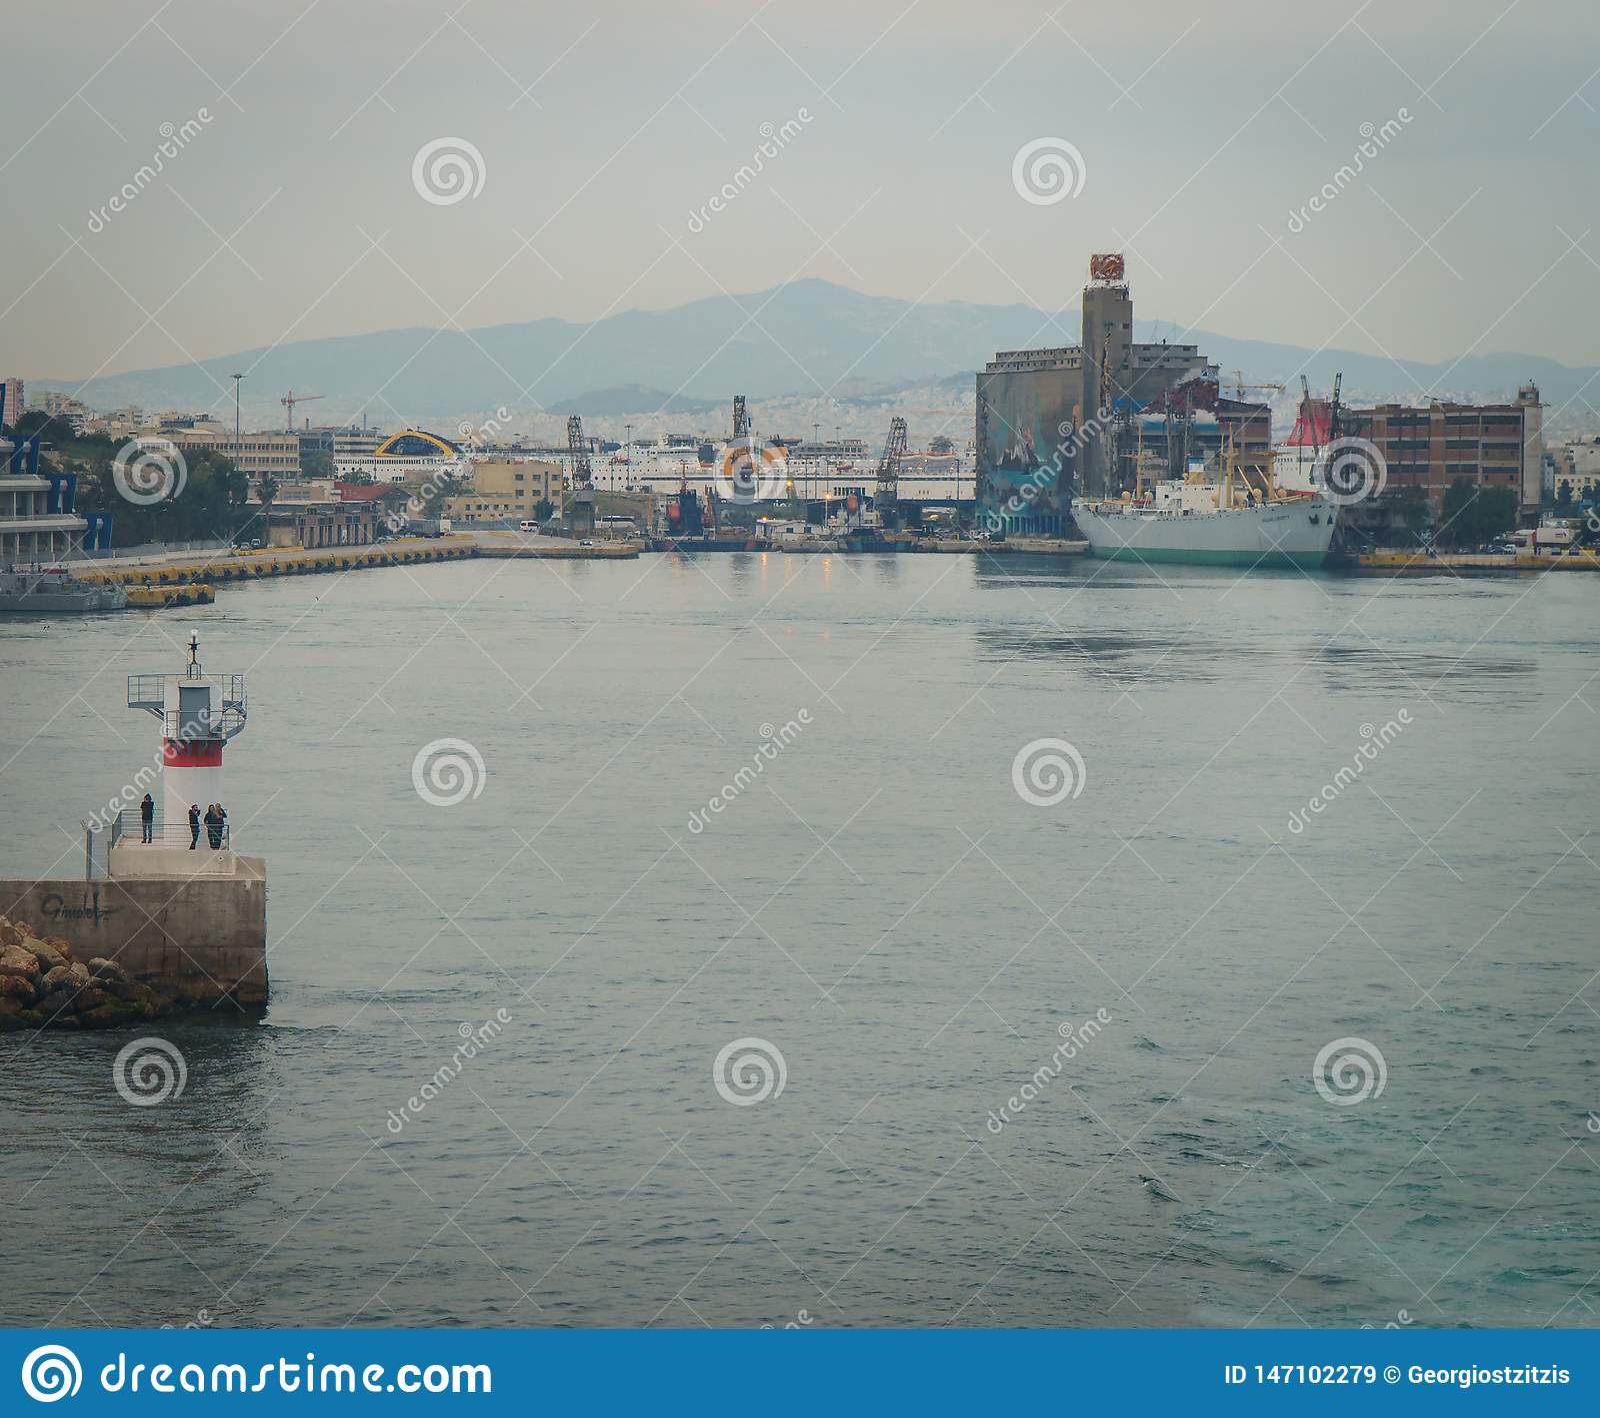 : tir conseptual du bateau qui laisse au port les autres bateaux et la tour de commande, dans un jour nuageux avec la mer calme